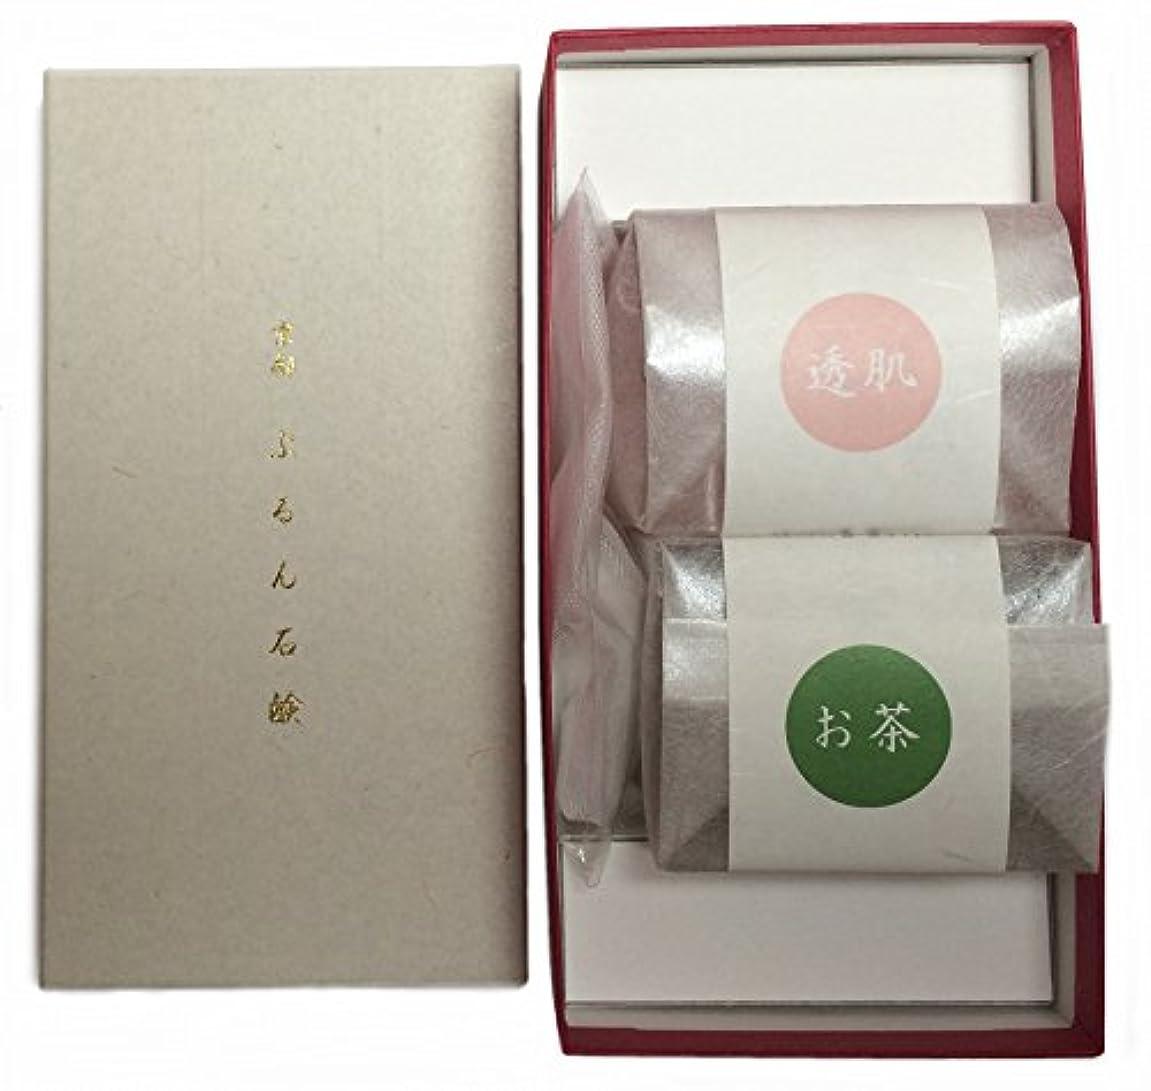 主権者主張するマーティンルーサーキングジュニア京都 ぷるん石鹸 ピュアソープ ヒアルロン酸 コラーゲン ギフトボックス 2種2個セット